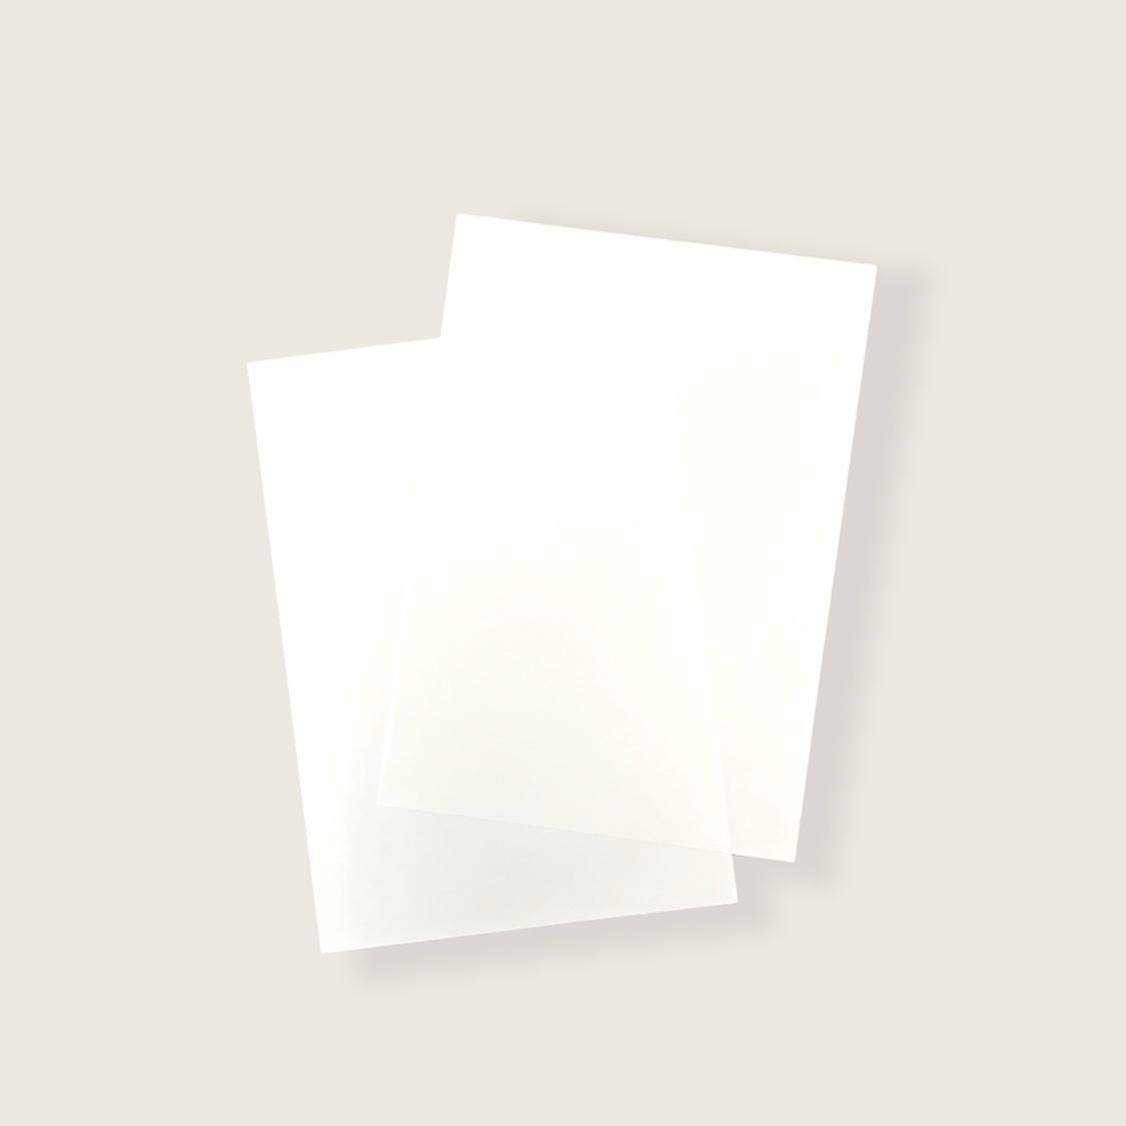 ユポ紙 : A4サイズ10枚セット画像